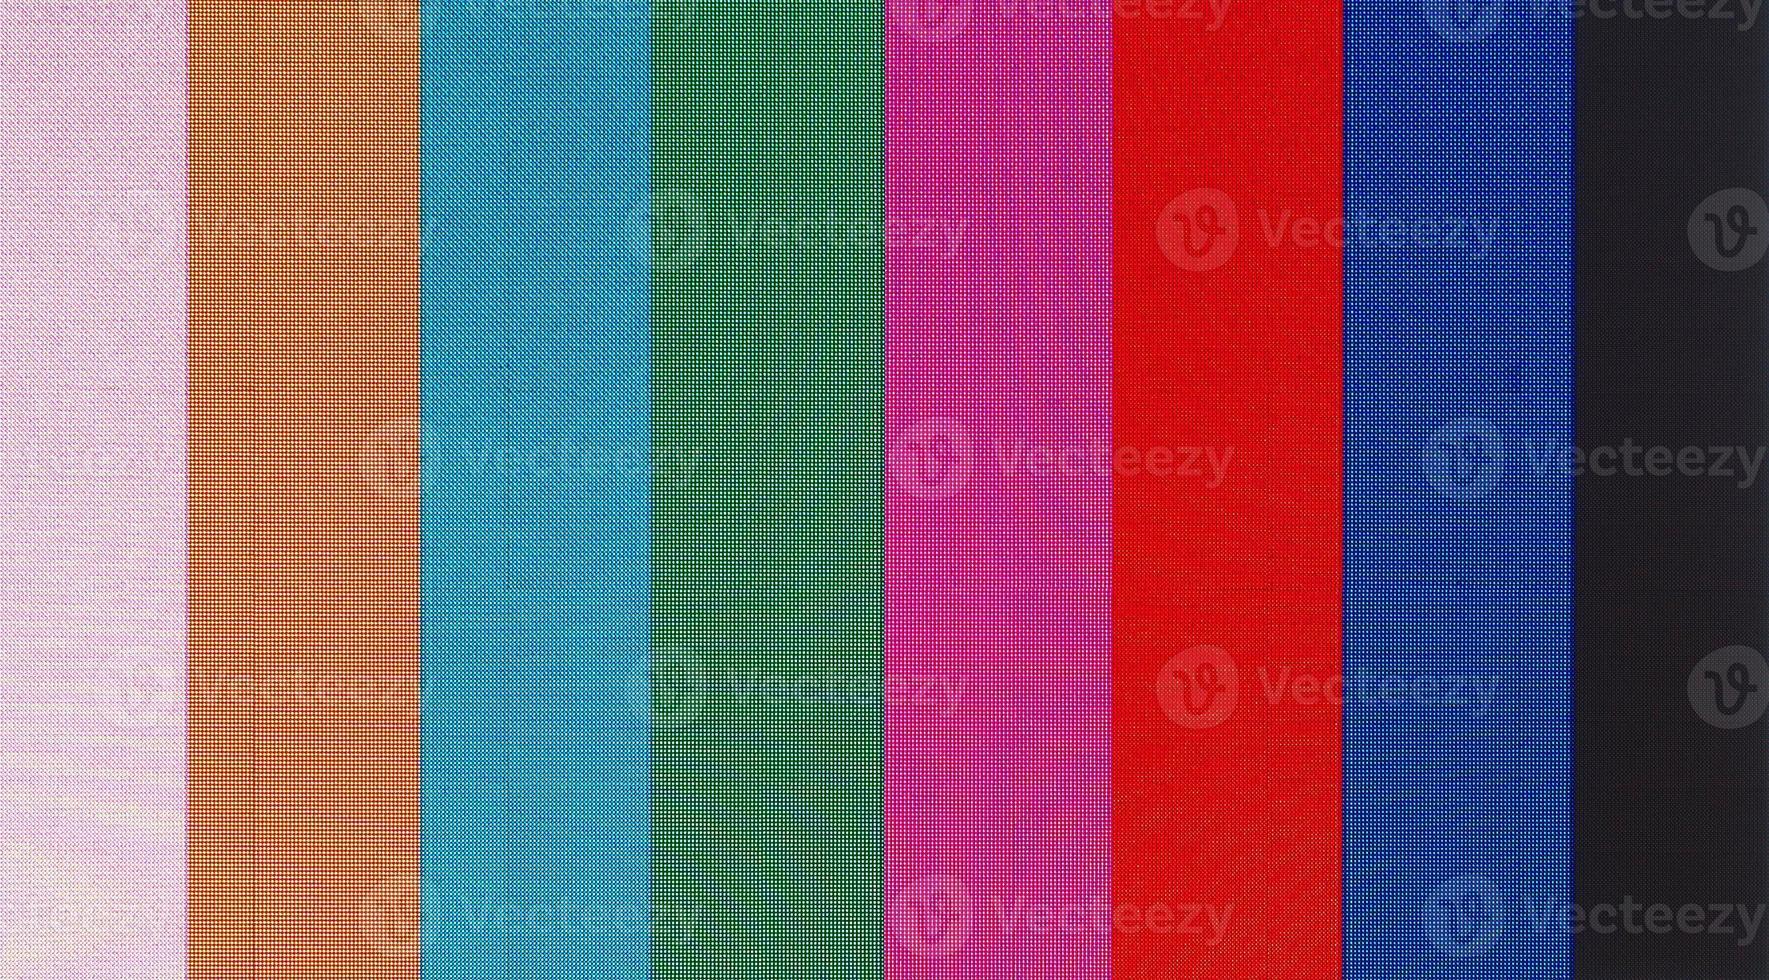 écran avec barres de couleur de test photo